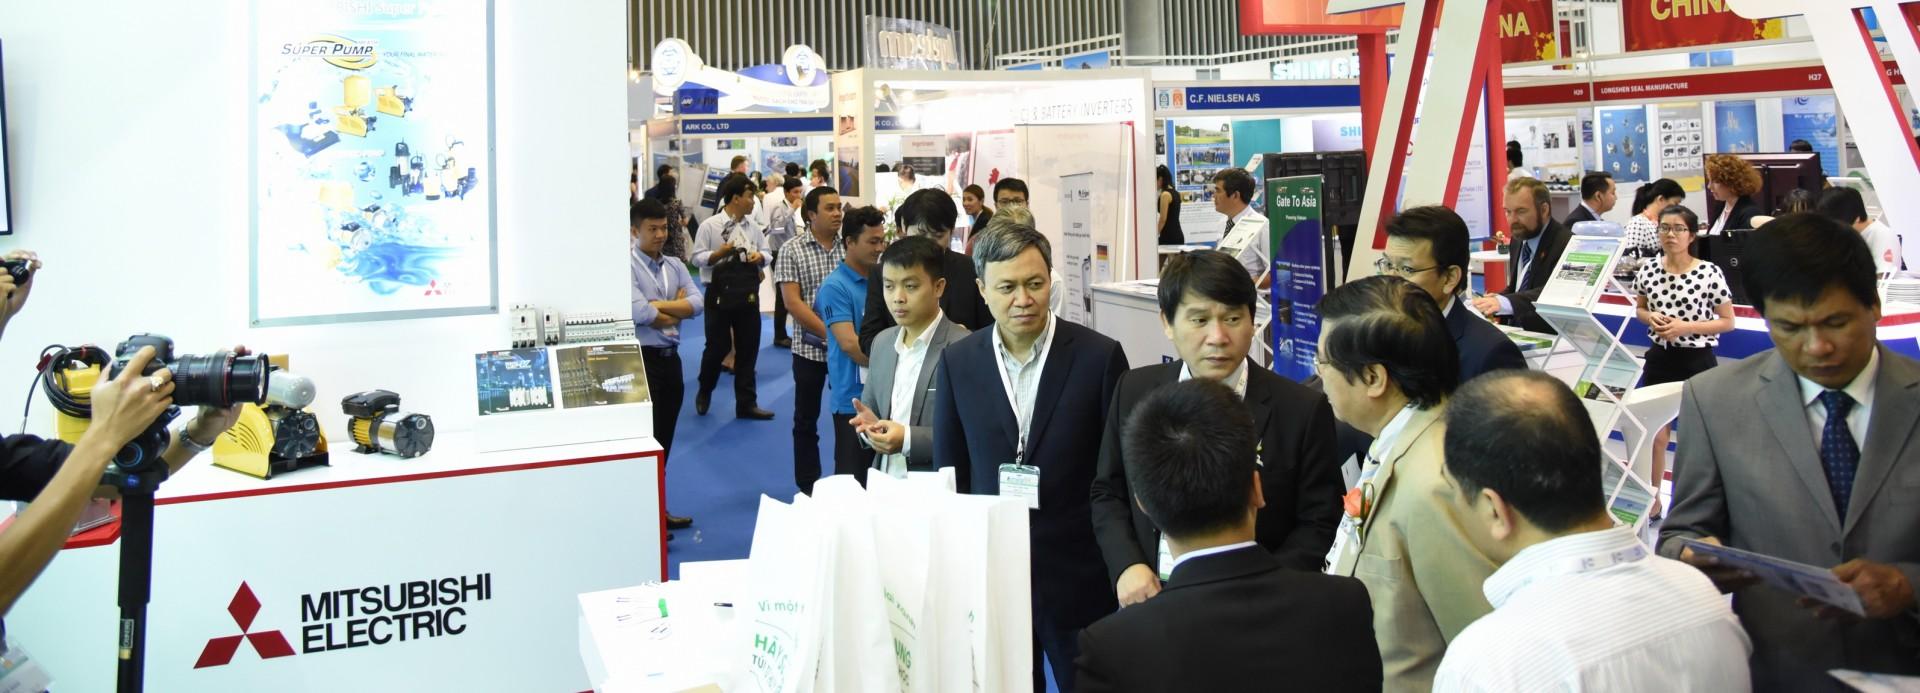 Khu gian hàng UK đã có mặt tại triển lãm RE & EE Vietnam 2017